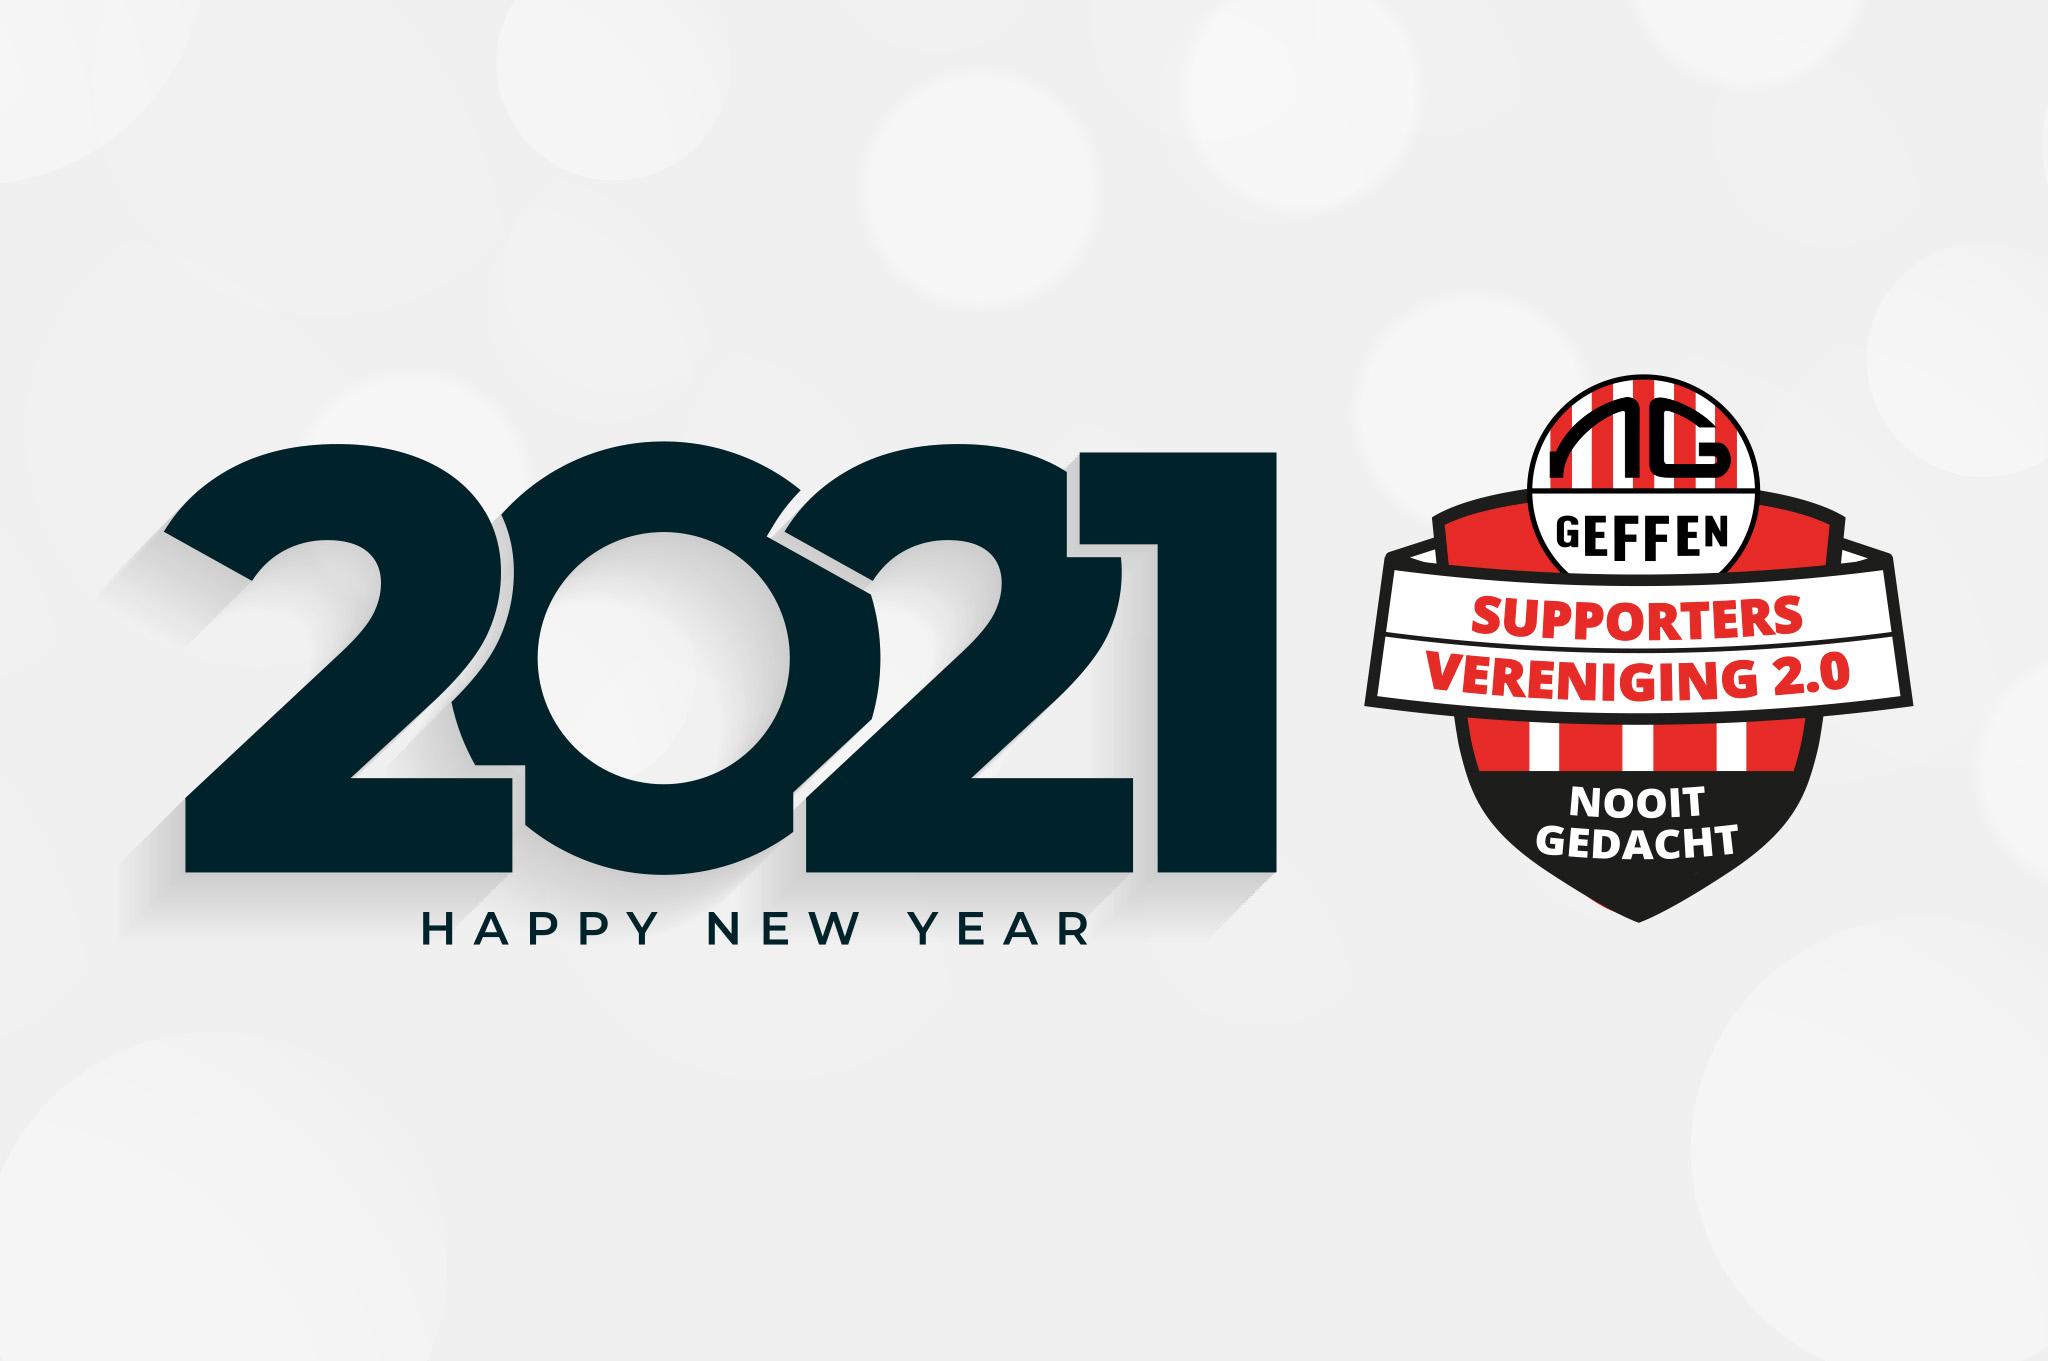 Supportersvereniging: gelukkig nieuwjaar!